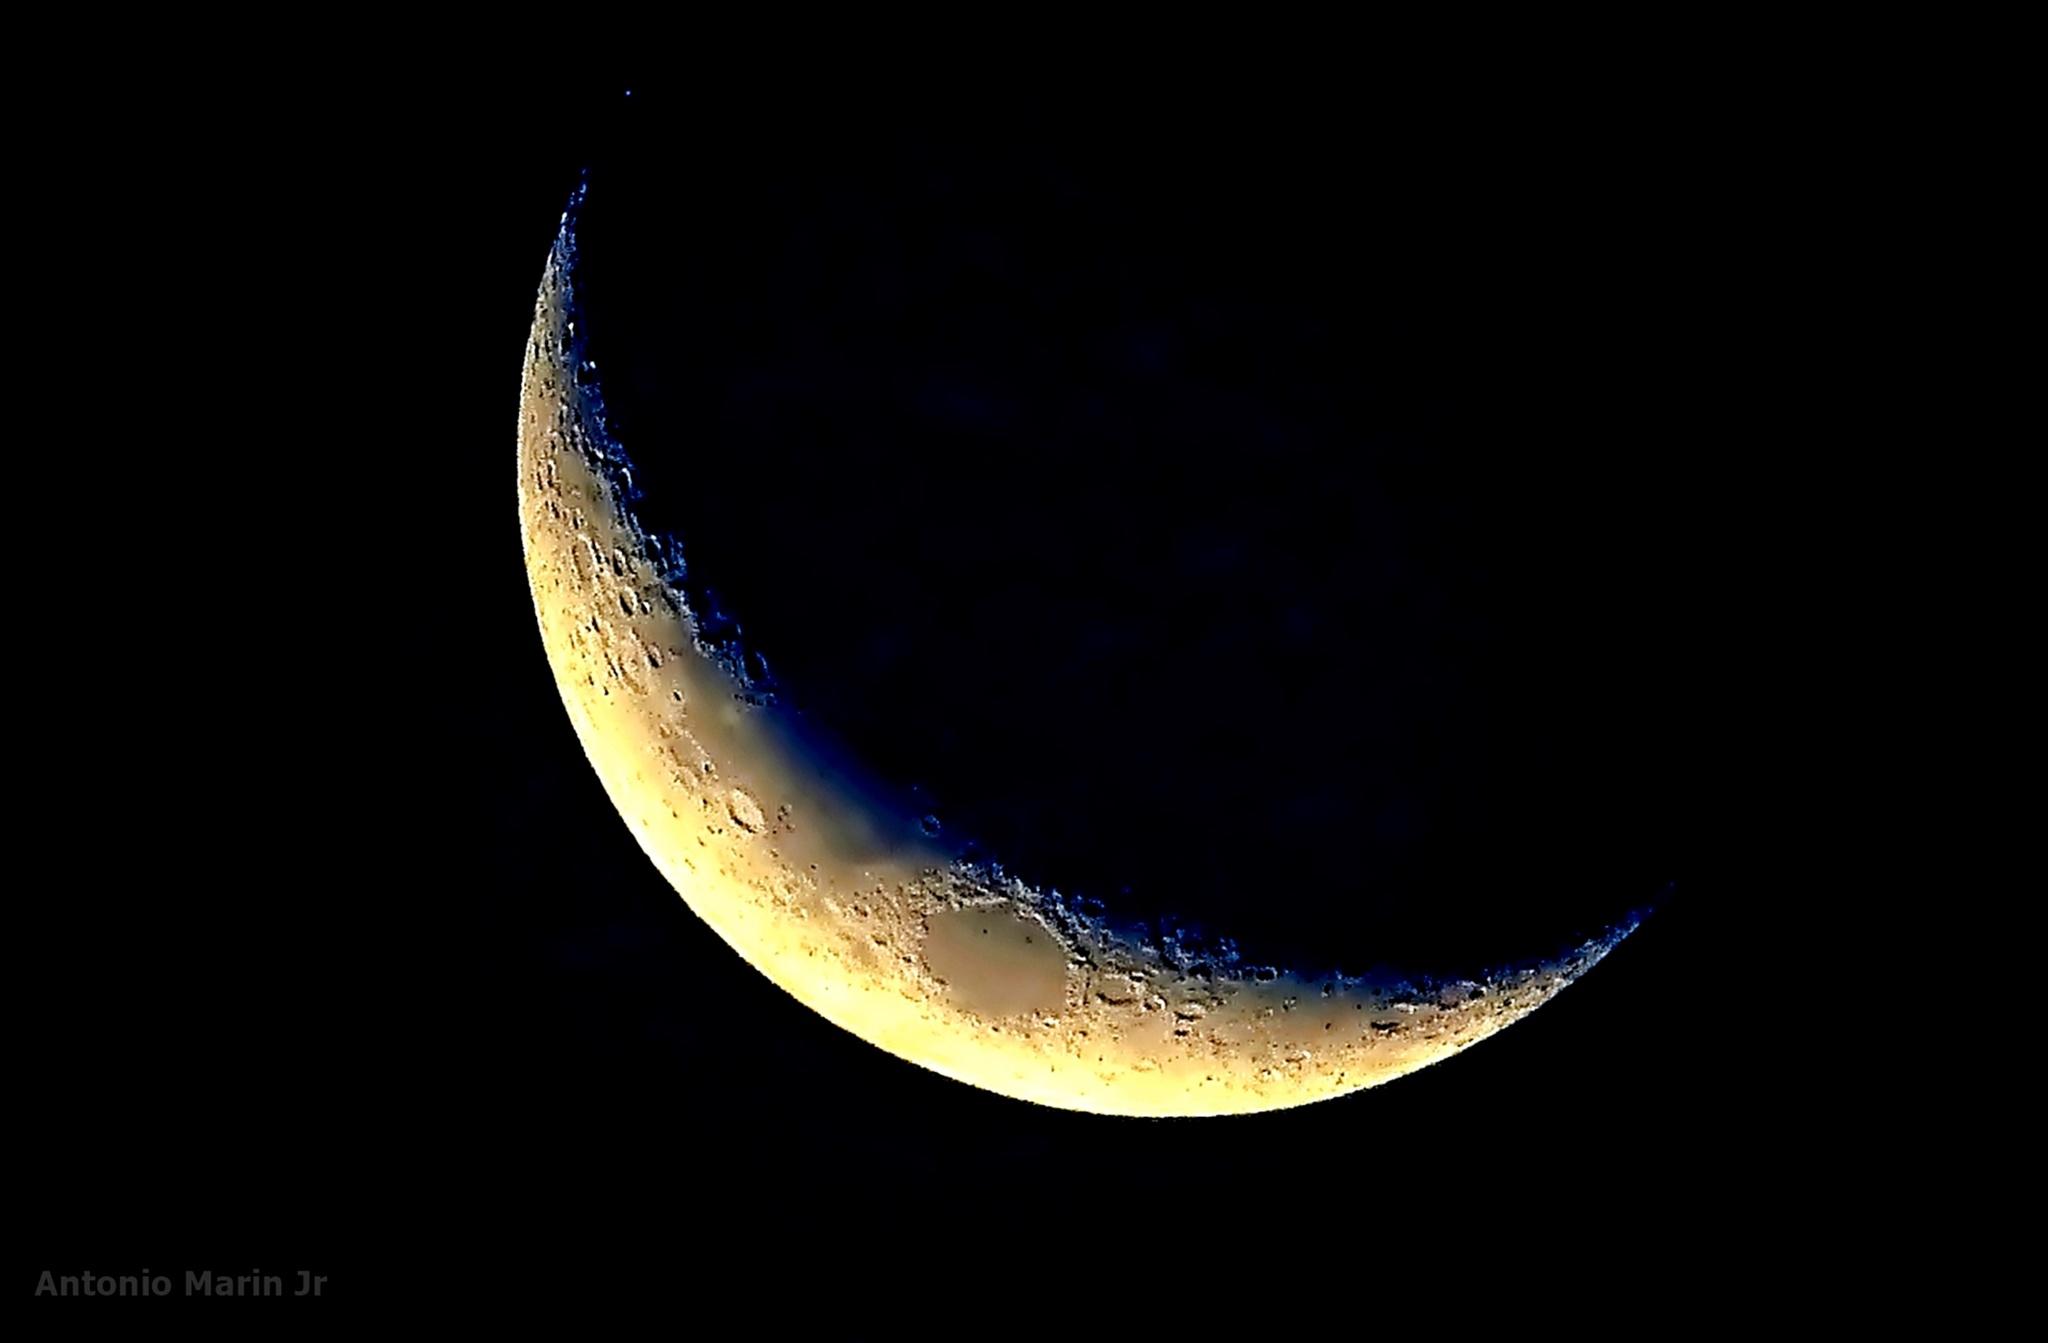 Half Moon by Antonio Marin Jr